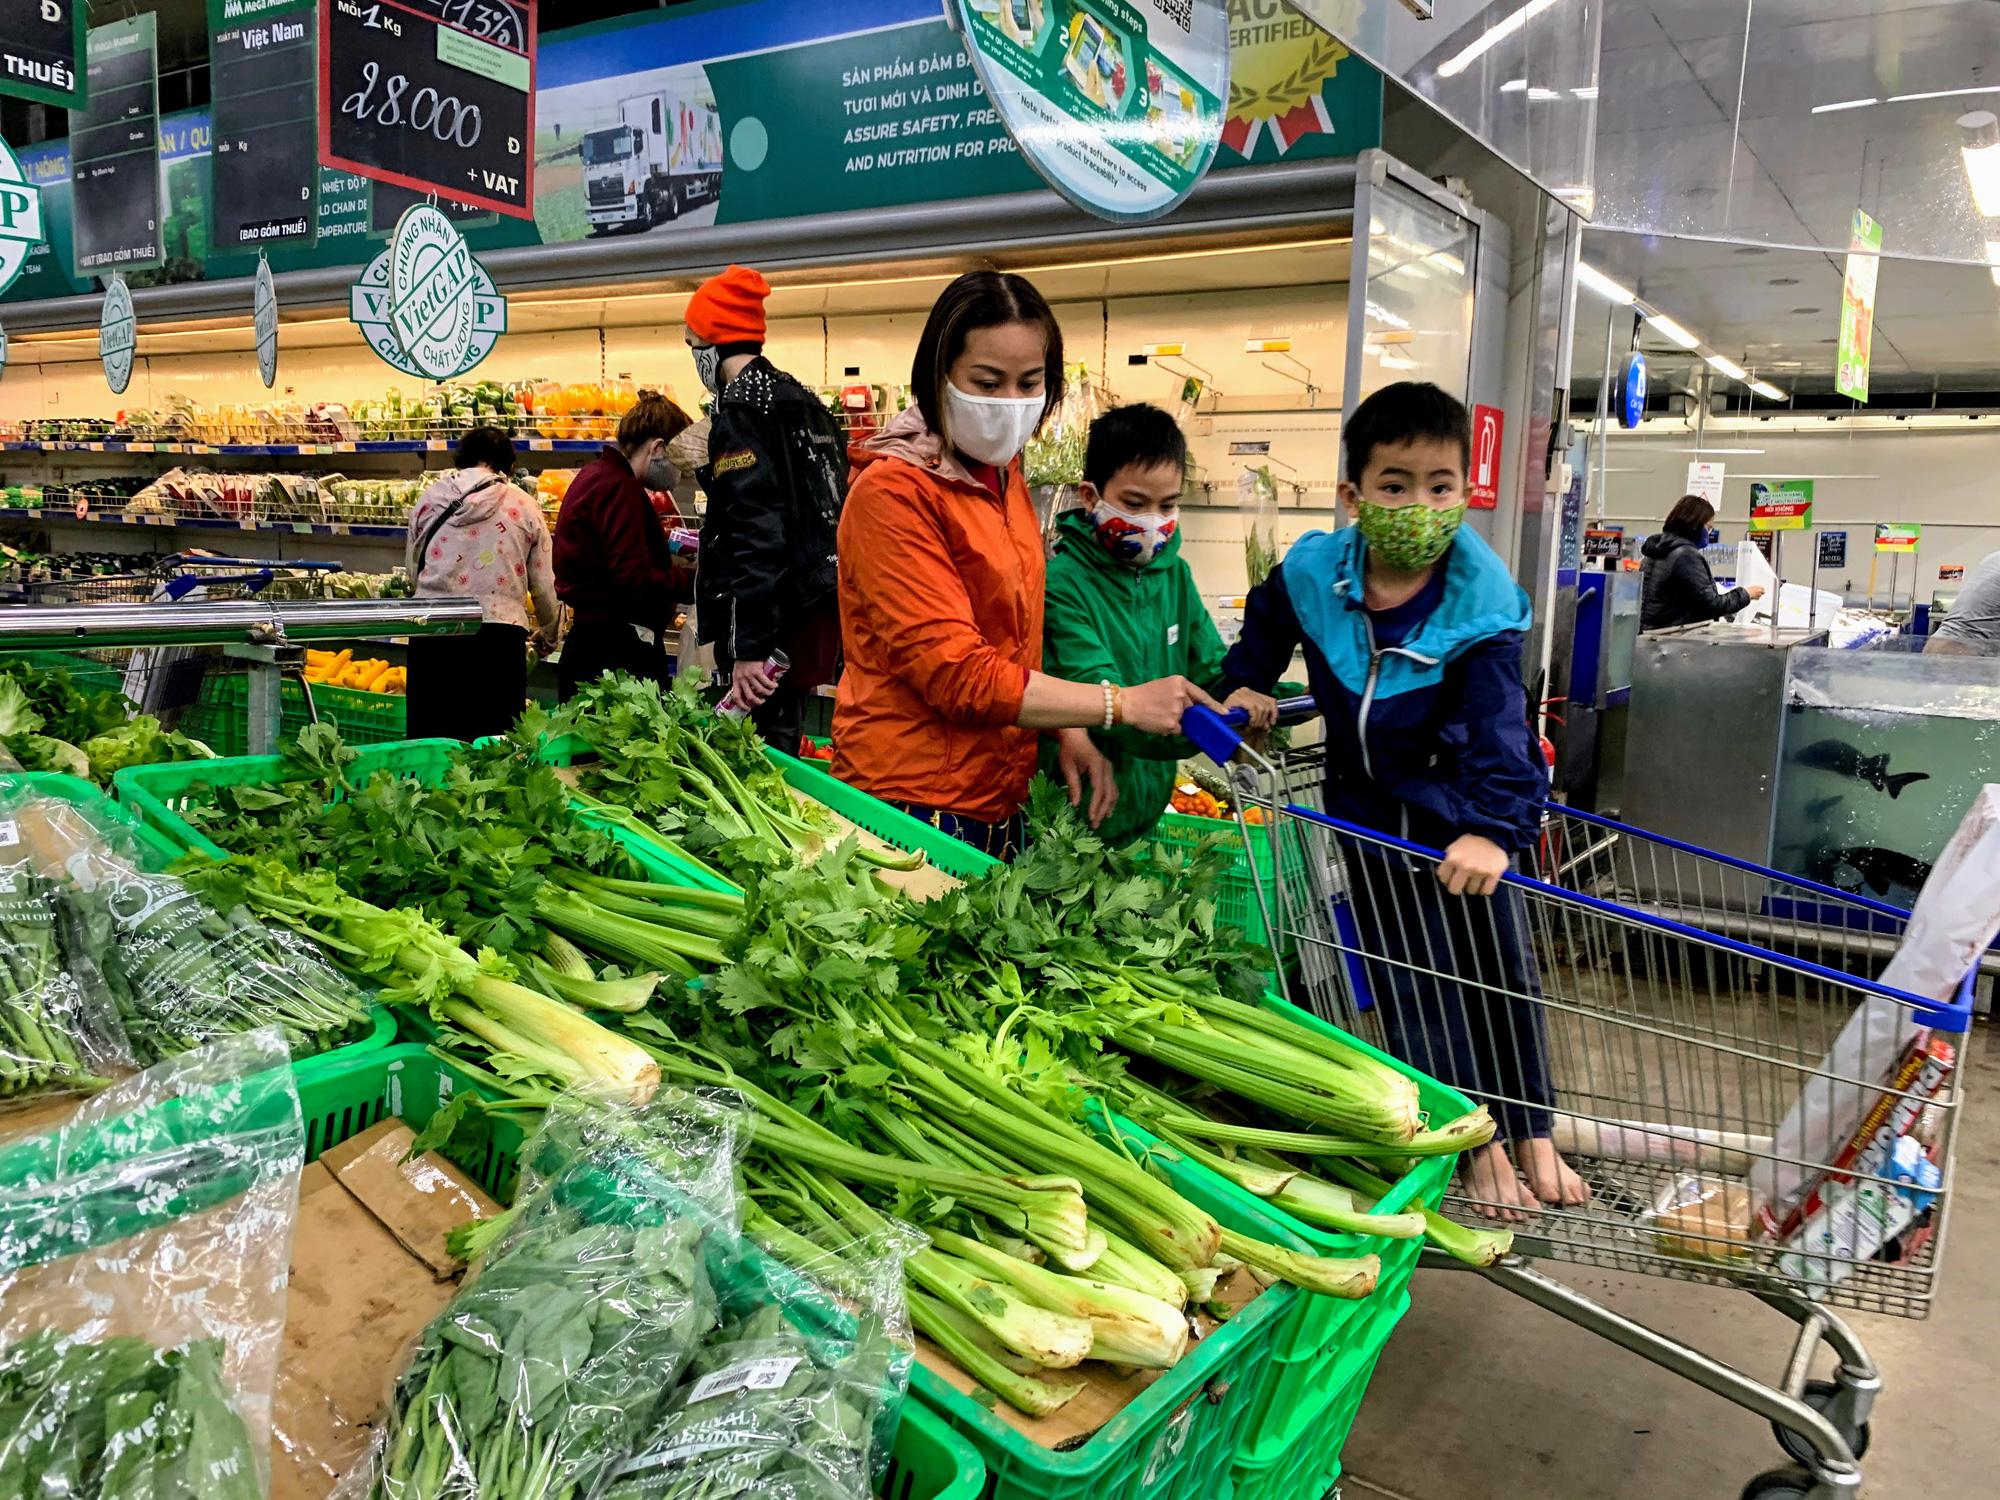 17 người nhiễm Covid - 19 được chữa khỏi, người dân lạc quan quay trở lại mua sắm trong siêu thị, trung tâm thương mại - Ảnh 5.